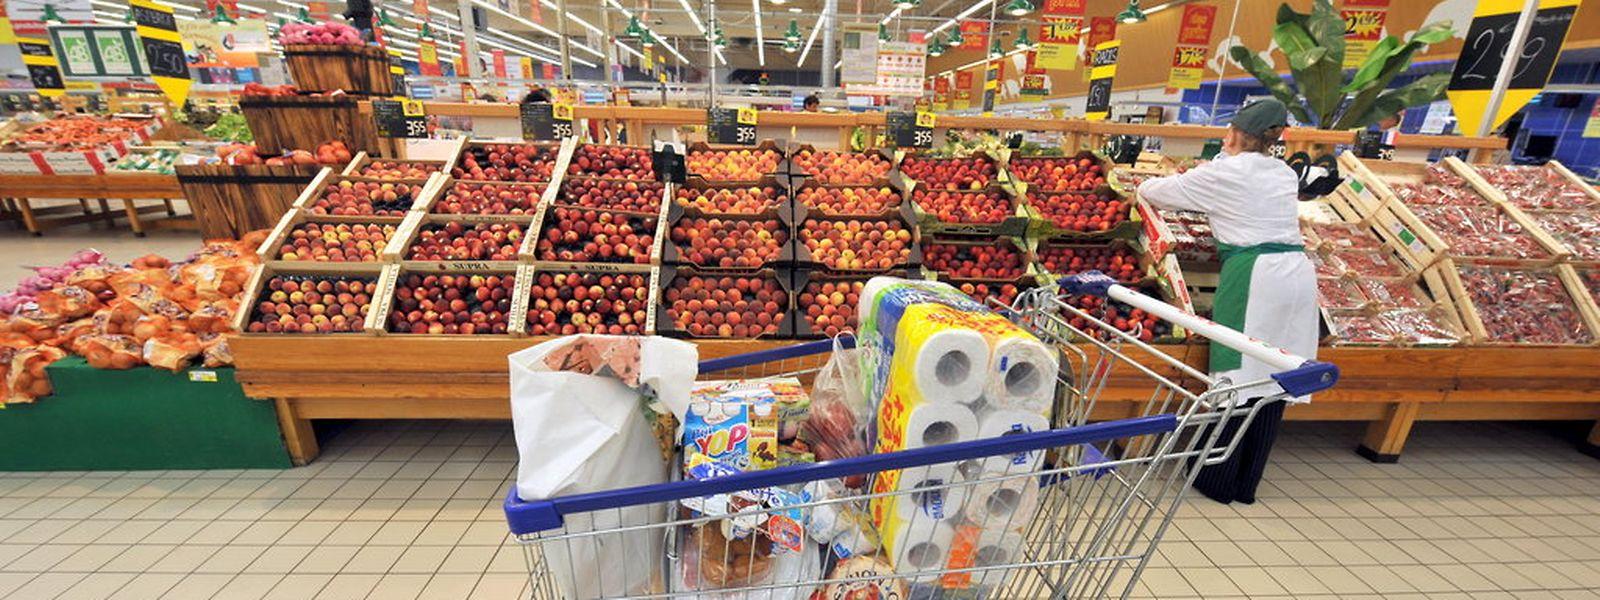 Le taux d'inflation annuel reste, avec +0,6%, quasiment stable pour le quatrième mois consécutif. (Photo: AFP)